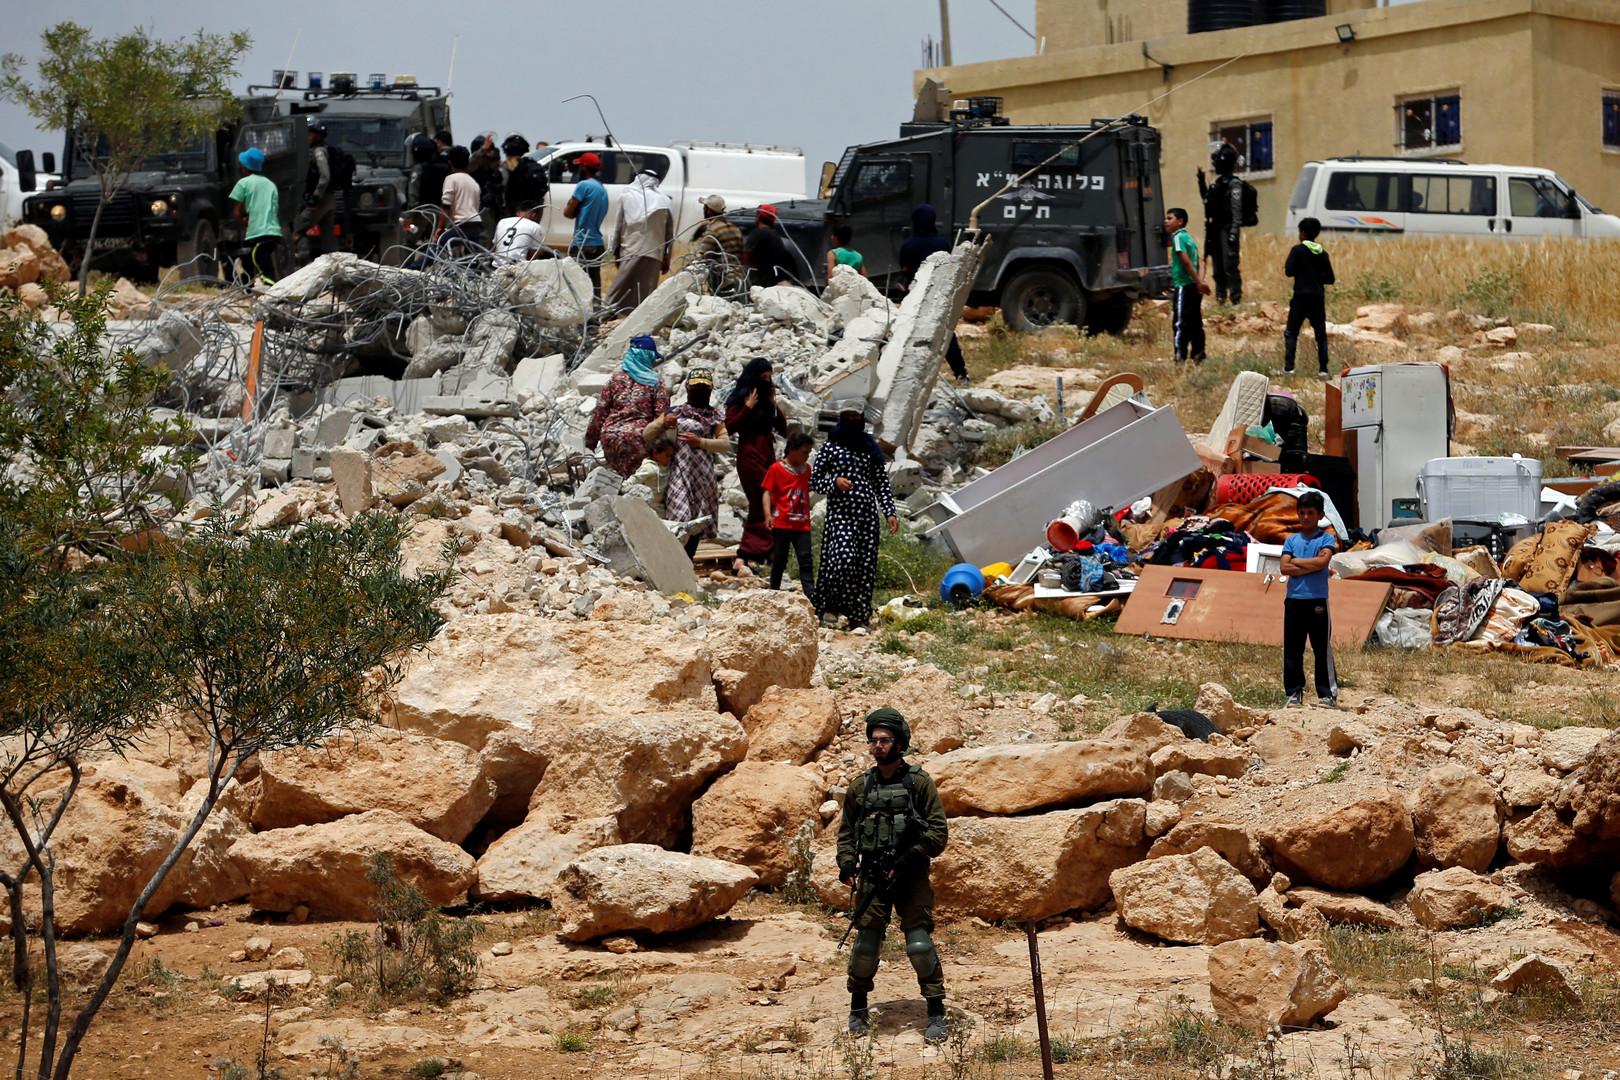 الجيش الإسرائيلي يعتقل 4 فلسطينيين بينهم وداد البرغوثي